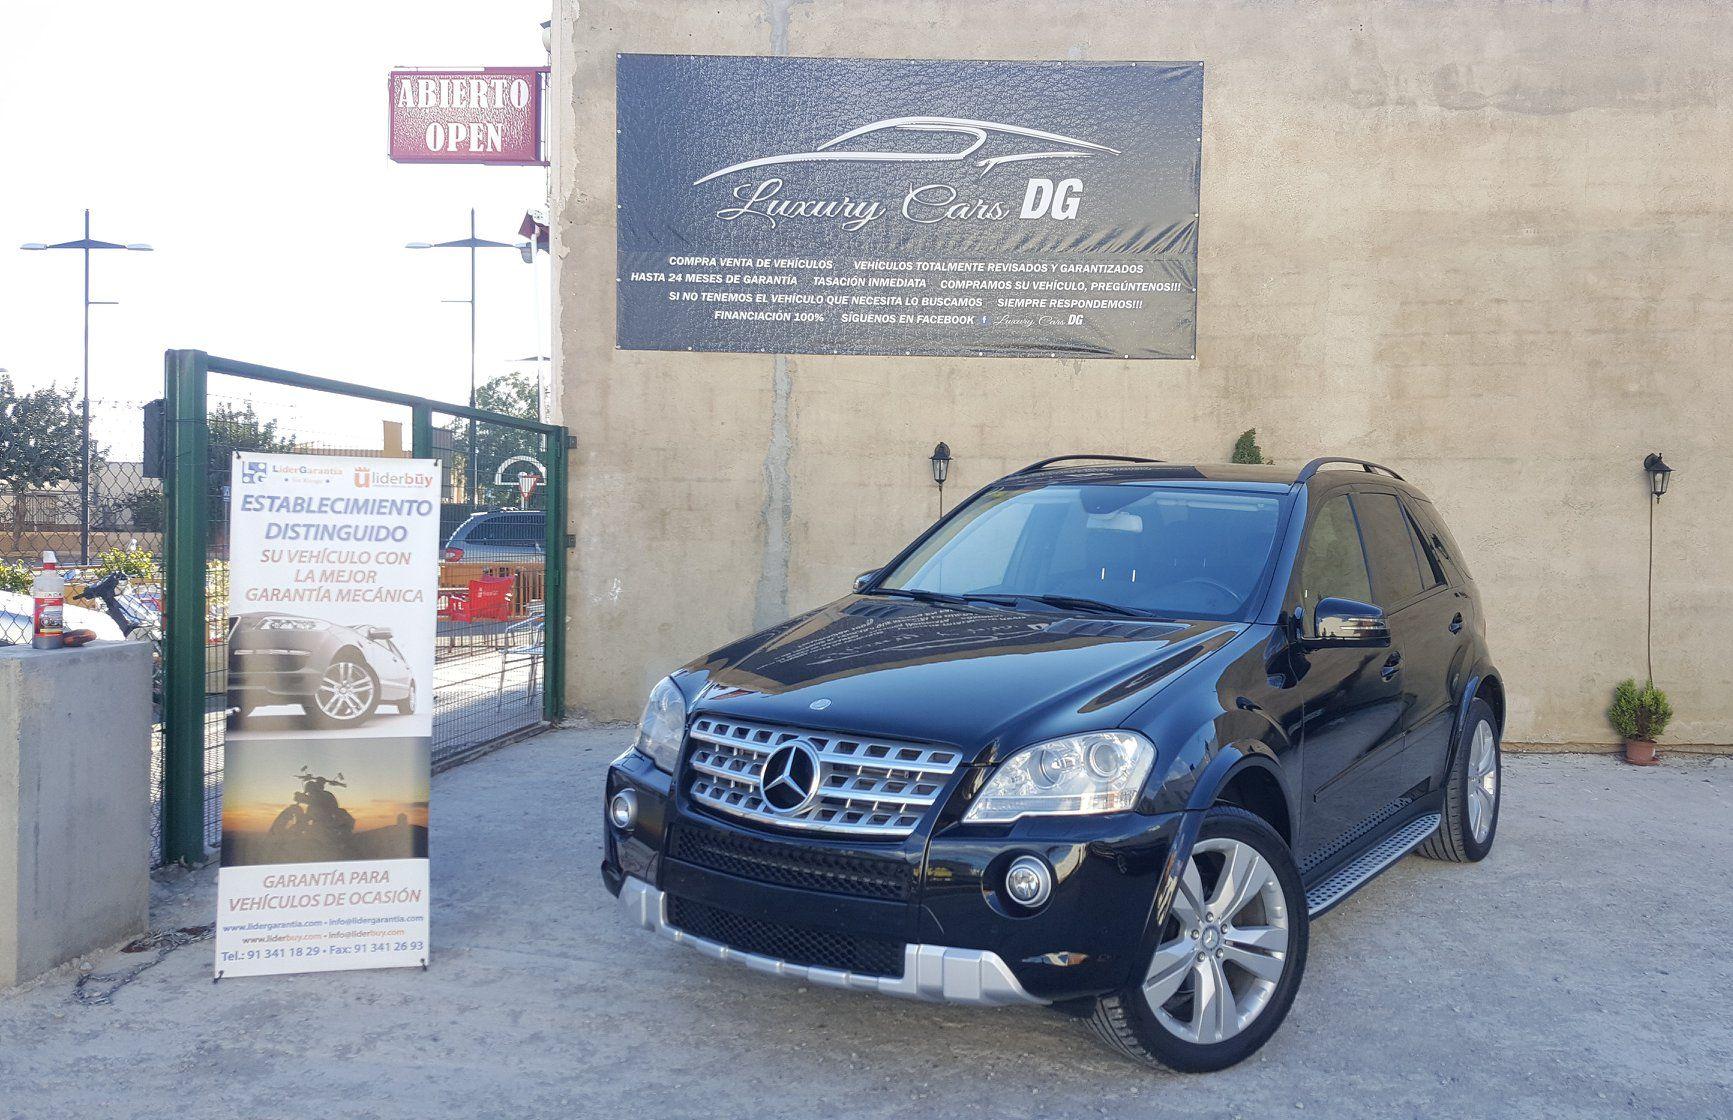 Foto 55 de Compraventa de automóviles en Vera | Luxury Cars DG